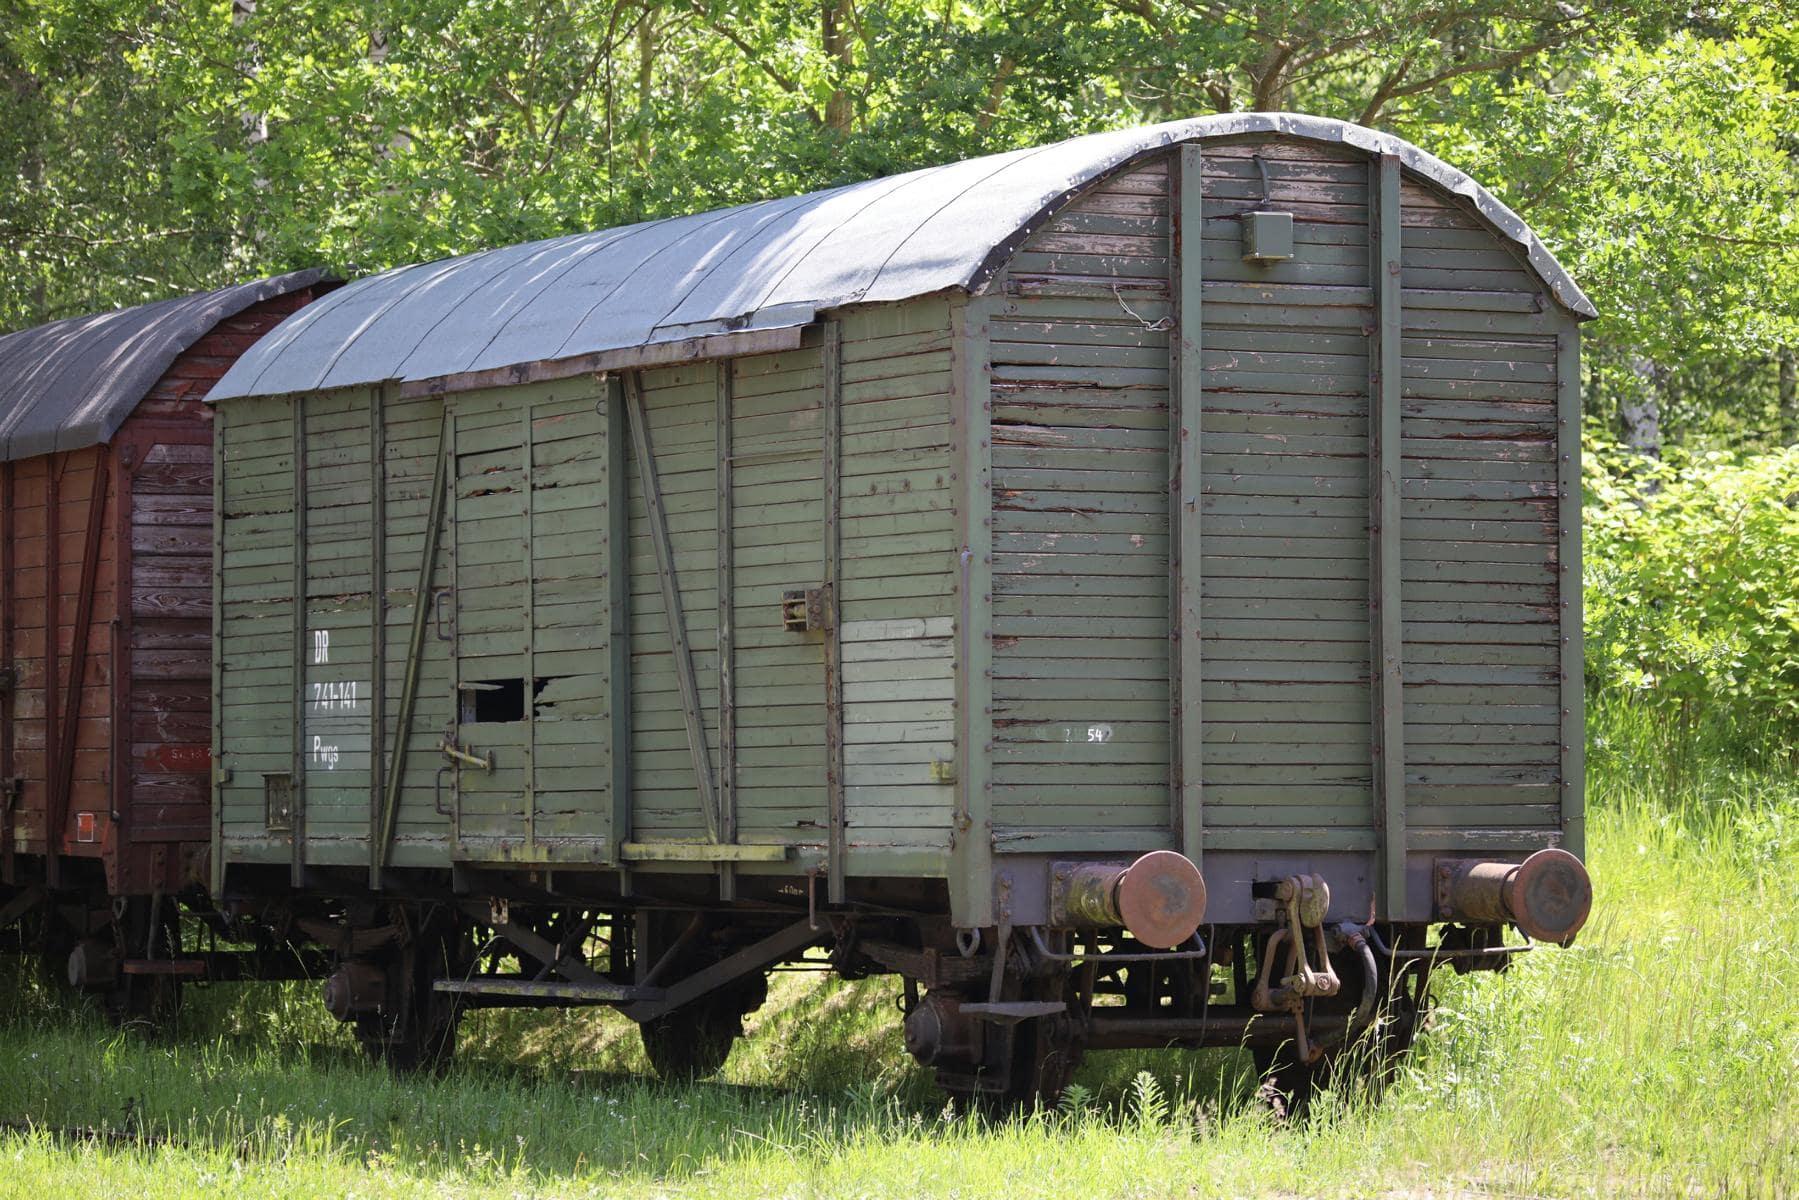 ©Foto: Christian Wodzinski | railmen | Vermutlich ein Begleiterwagen der Deutschen Reichsbahn, der auf seinen Rückbau in den Originalzustand wartet